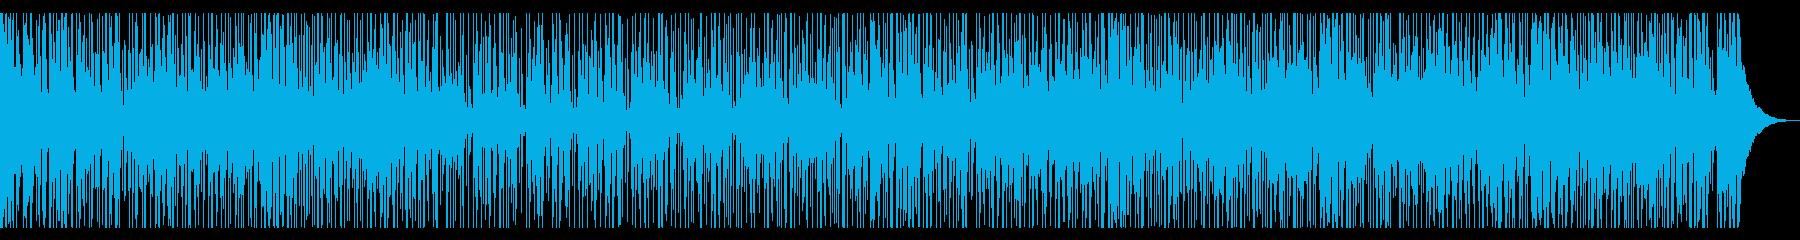 生音・インド・中央アジア風民族音楽の再生済みの波形